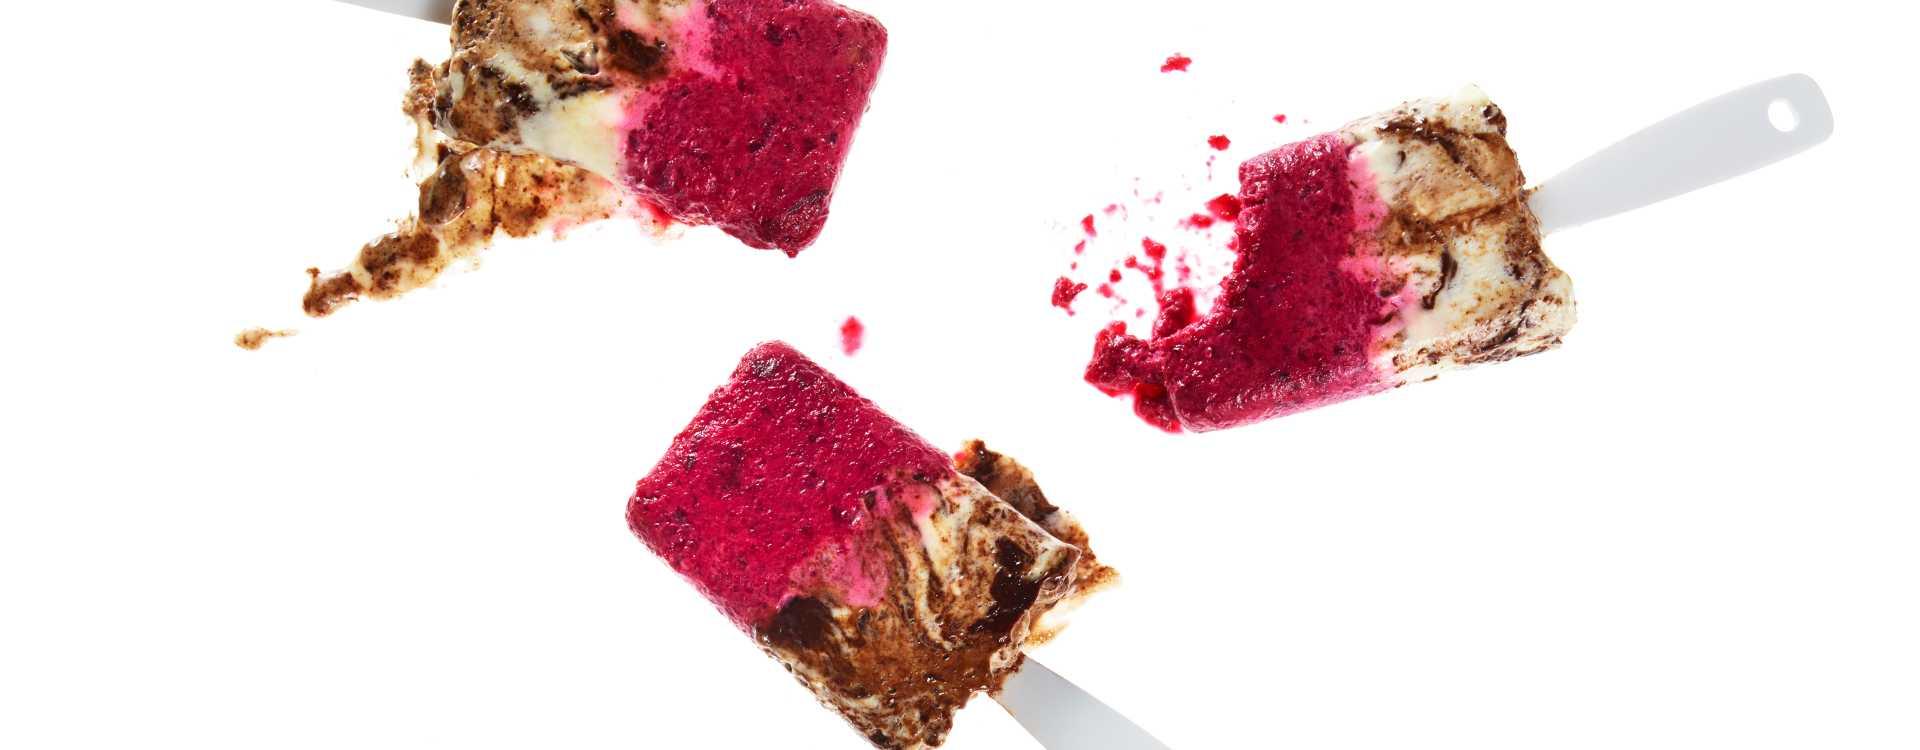 Rødbete- og sjokoladeis